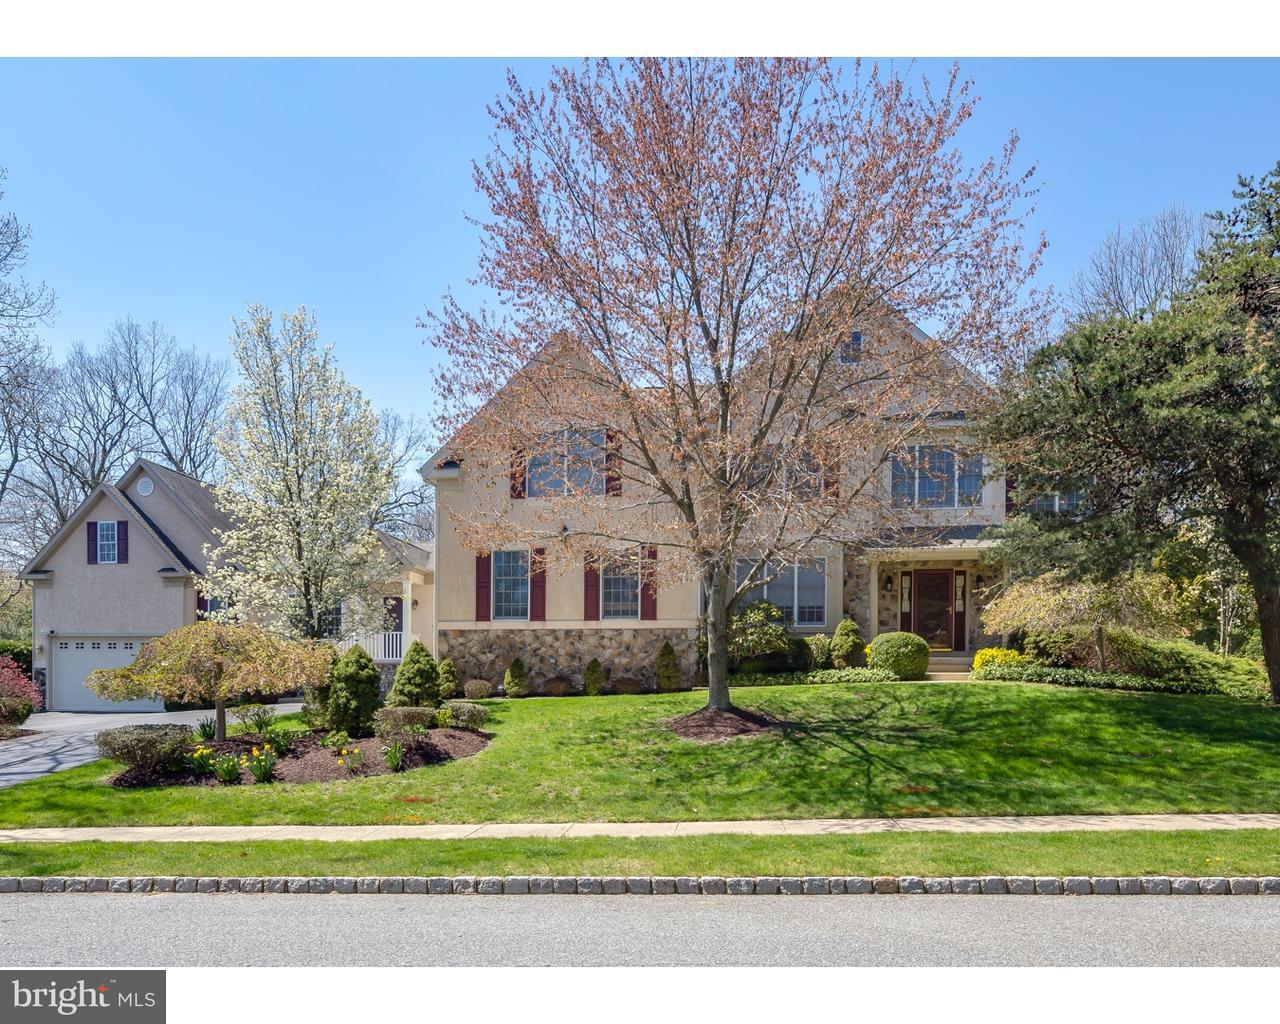 Частный односемейный дом для того Продажа на 5 WINFIELD WAY Voorhees, Нью-Джерси 08043 Соединенные Штаты